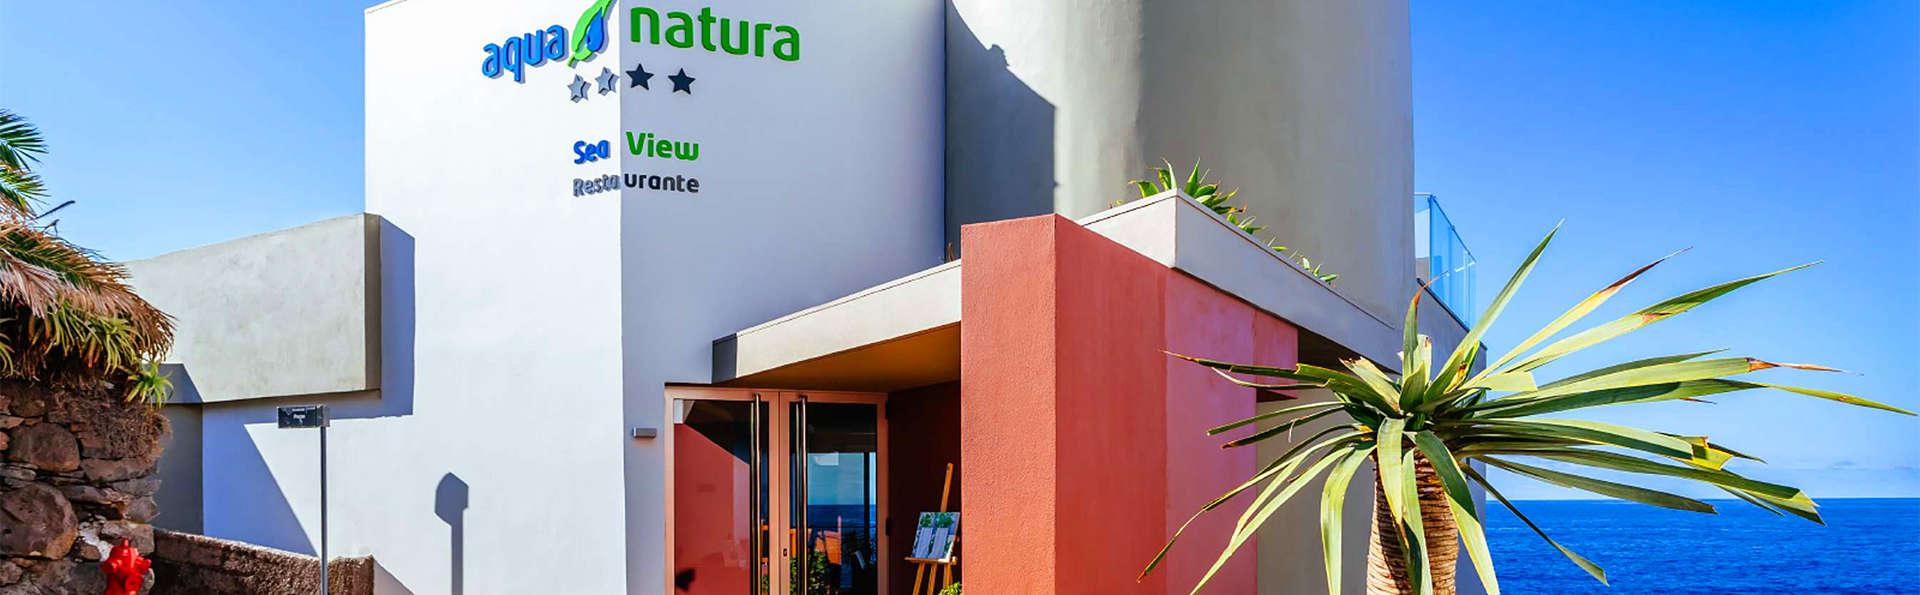 Aqua Natura Madeira Hotel - EDIT_Exterior.jpg